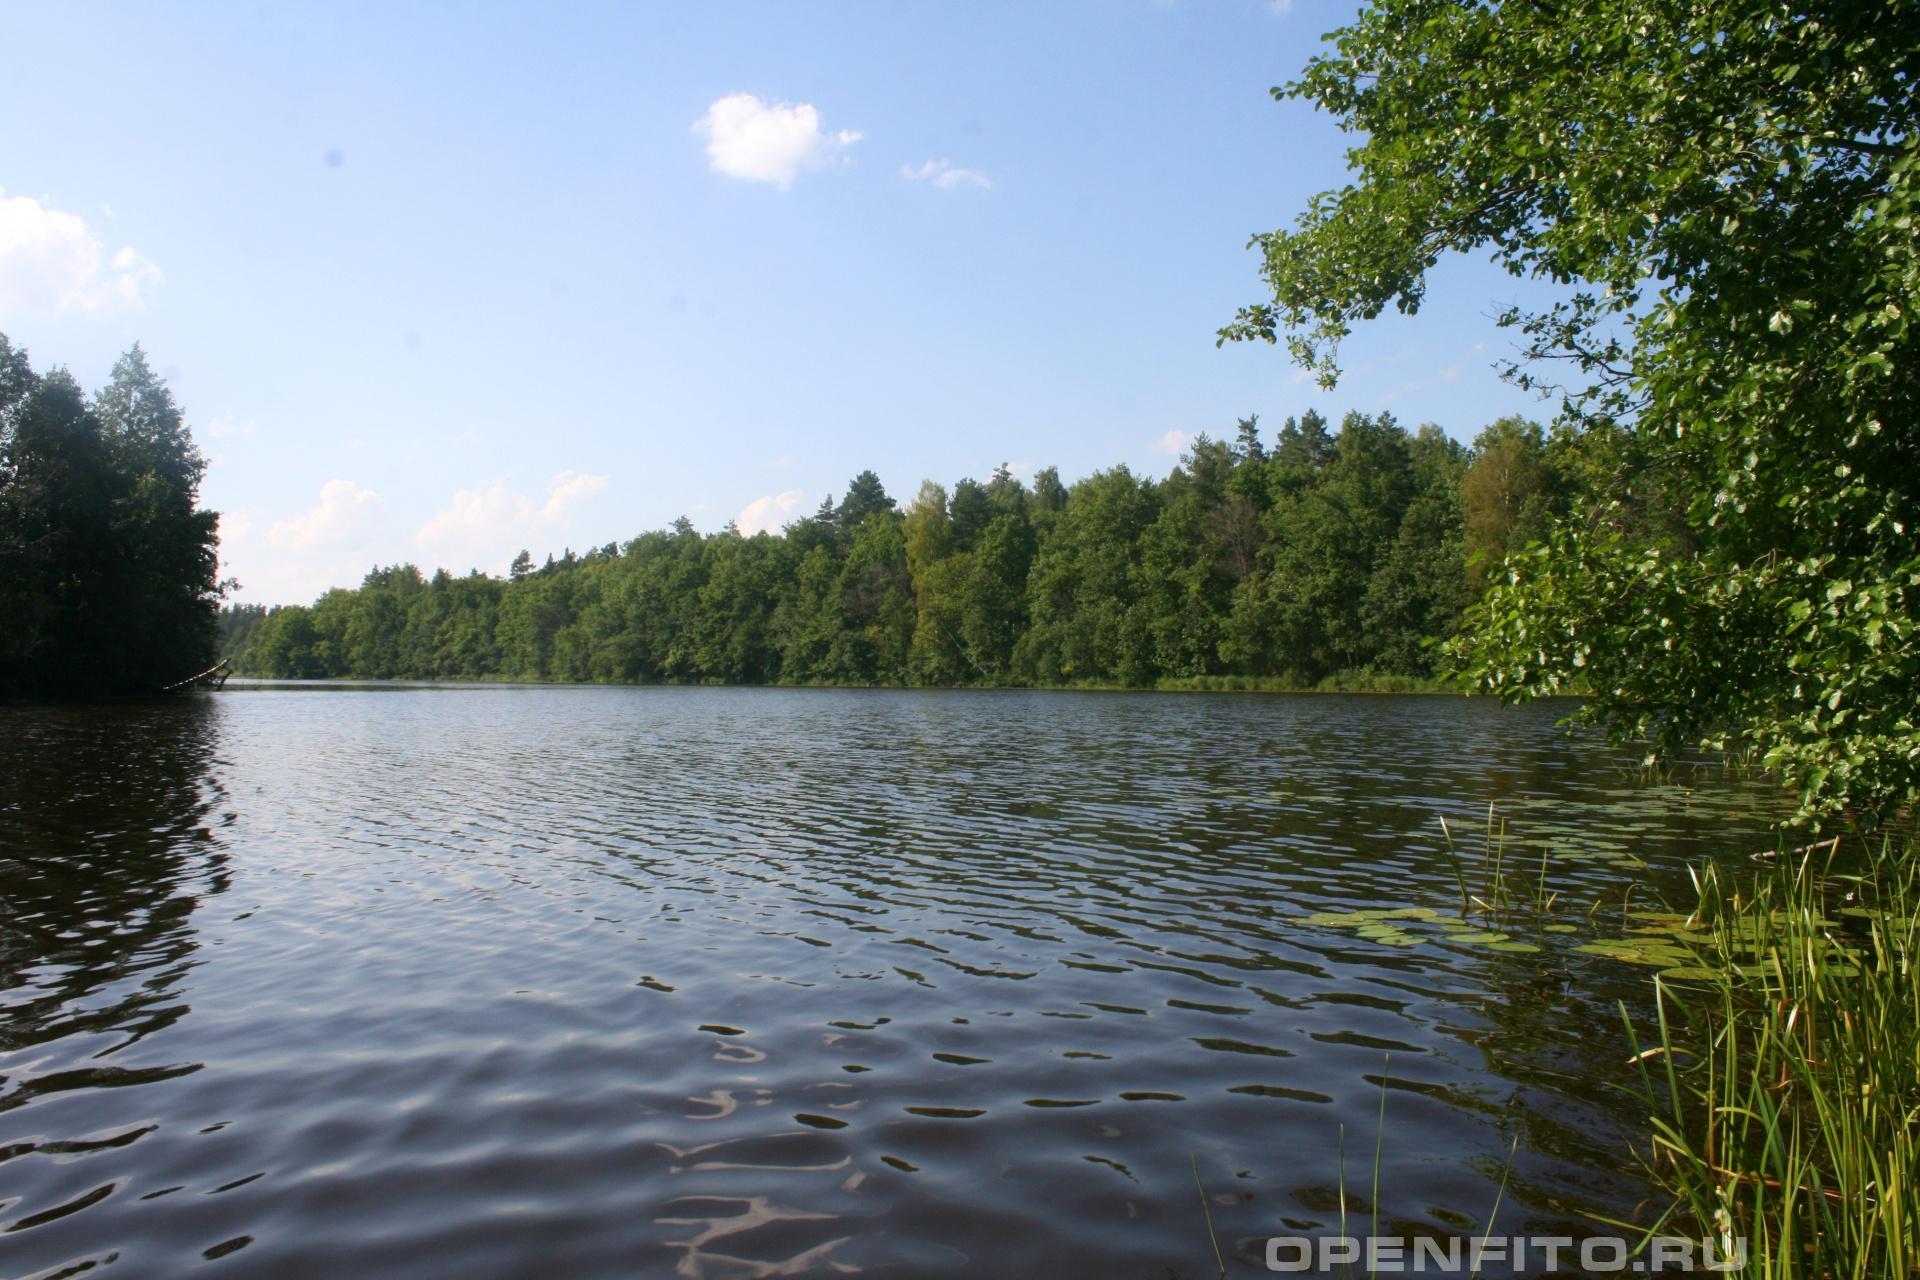 Озеро долгое Южский район Ивановской области